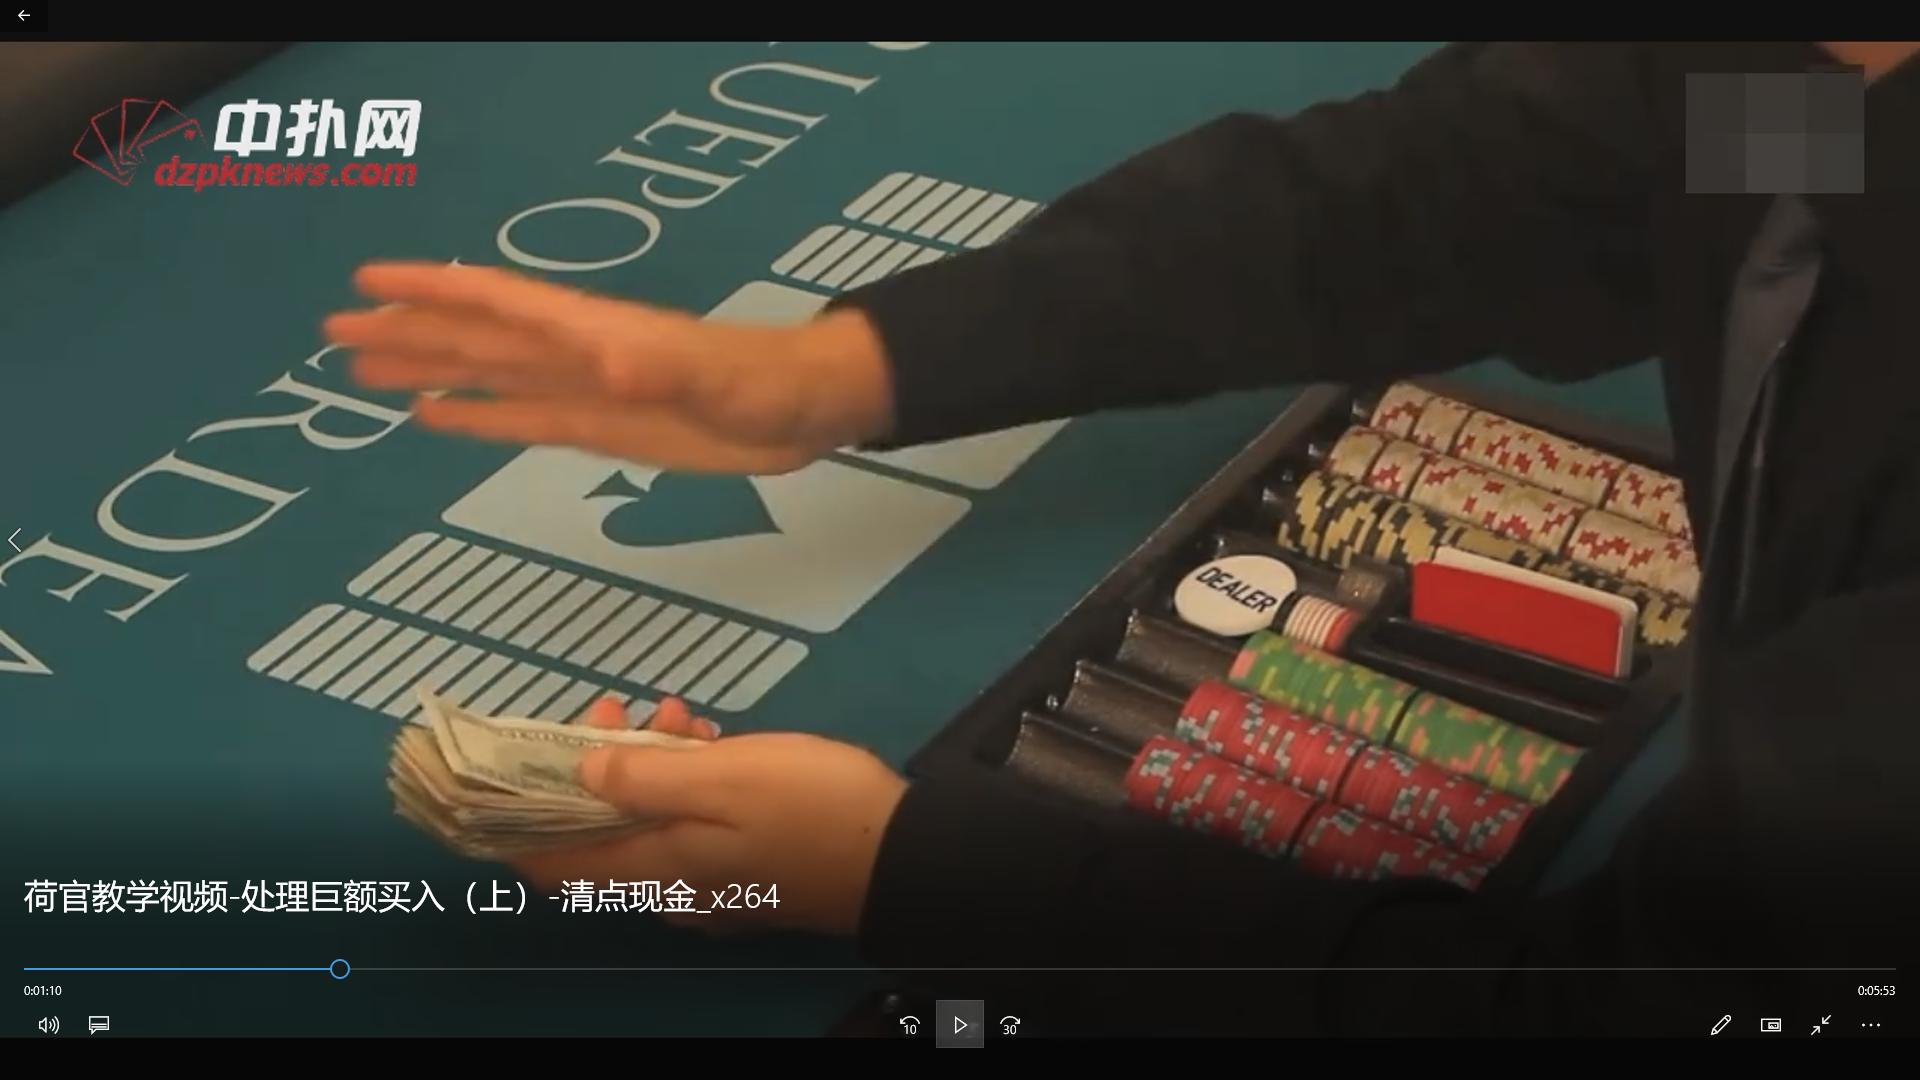 【辣眼视频】当桌上有玩家想筹码找零,应该如何应对?